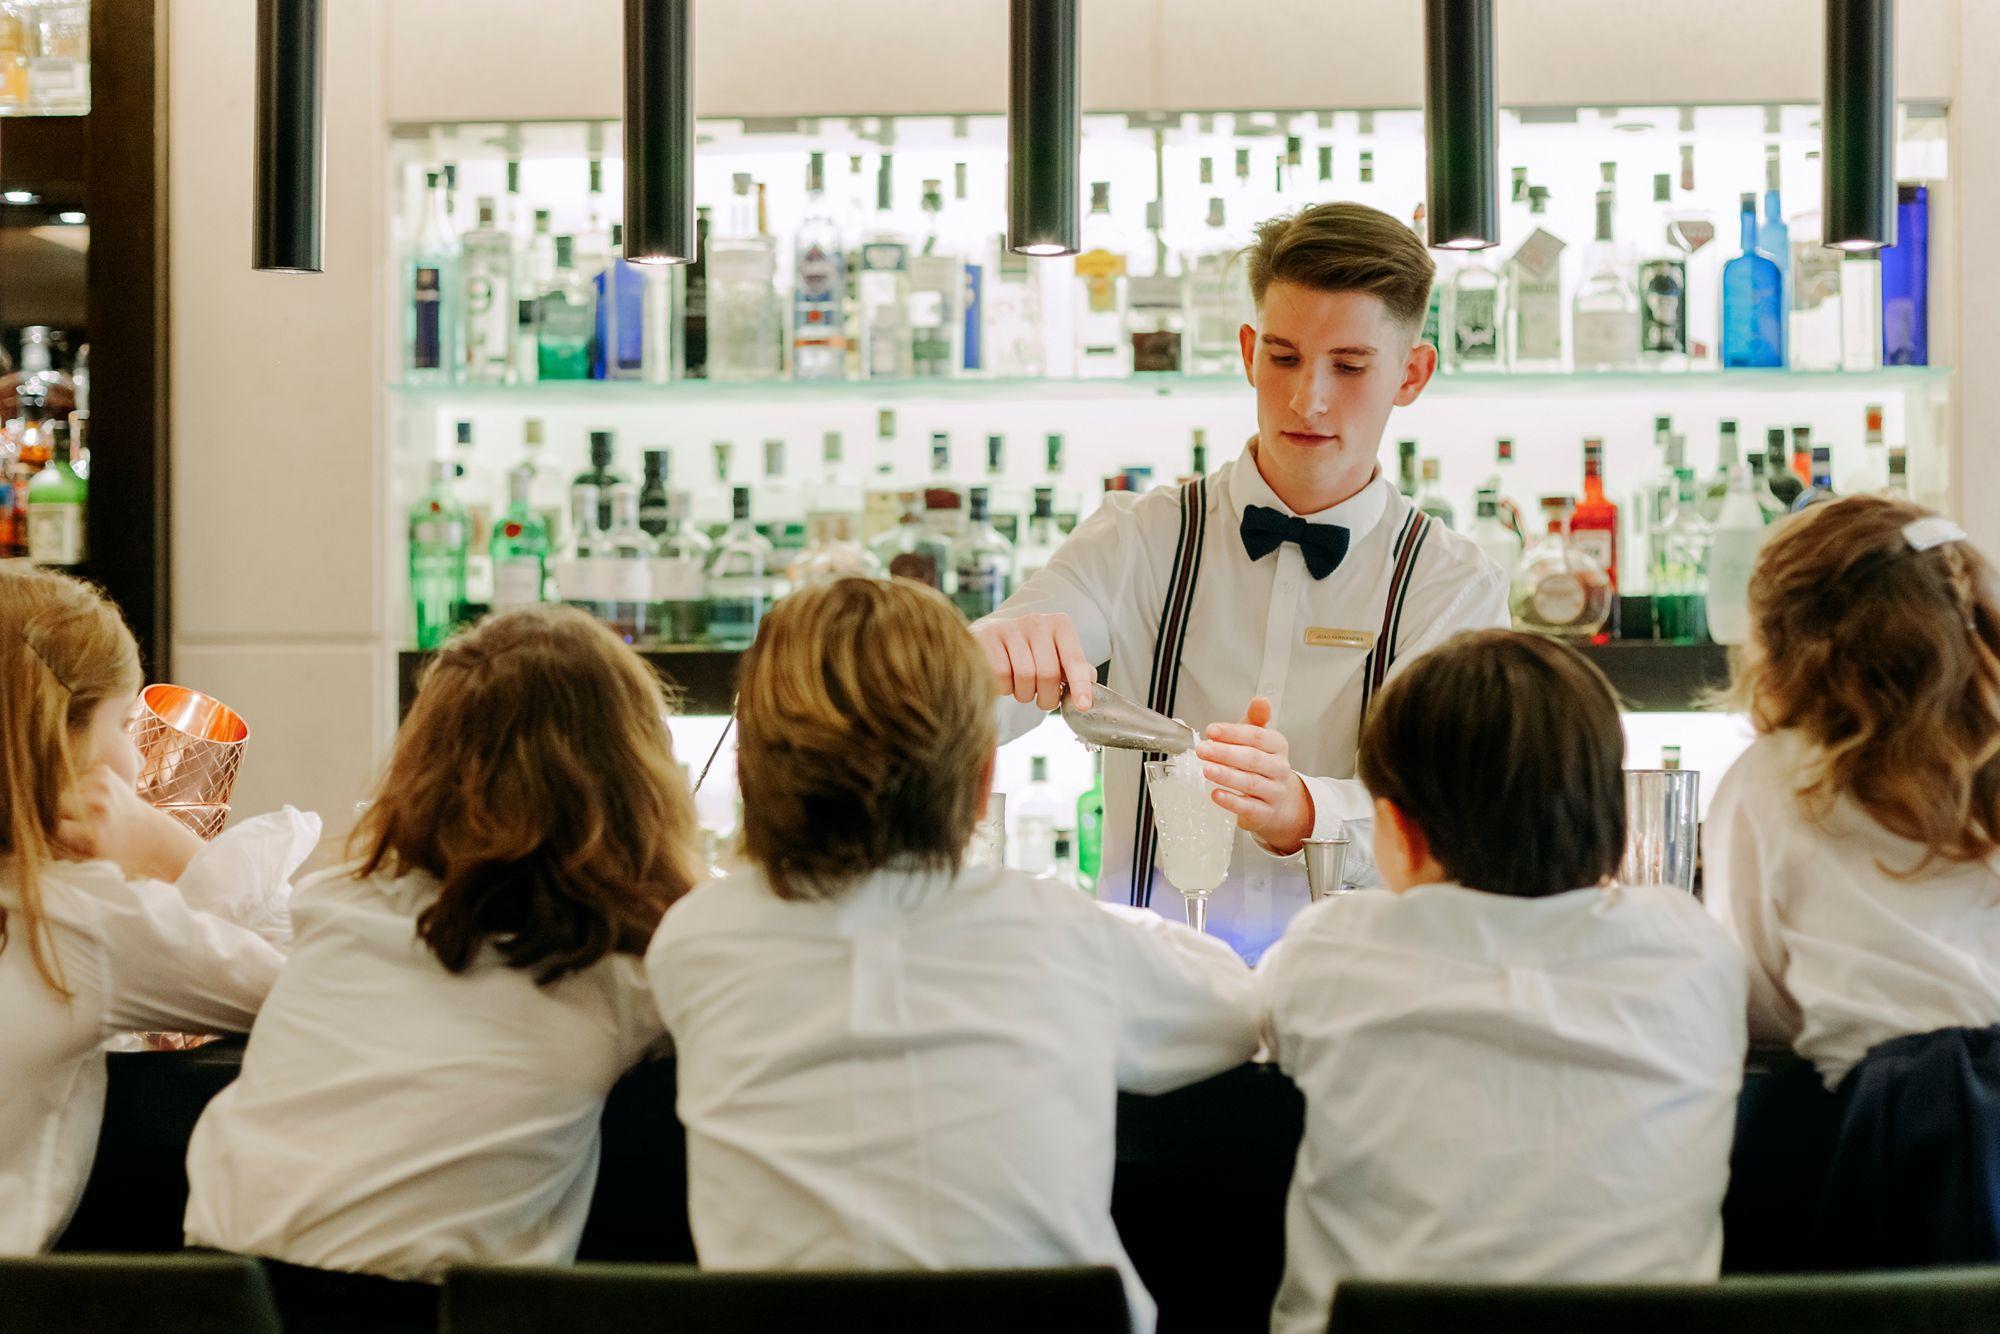 Ritz kids penha longa resort travel in pinterest travel